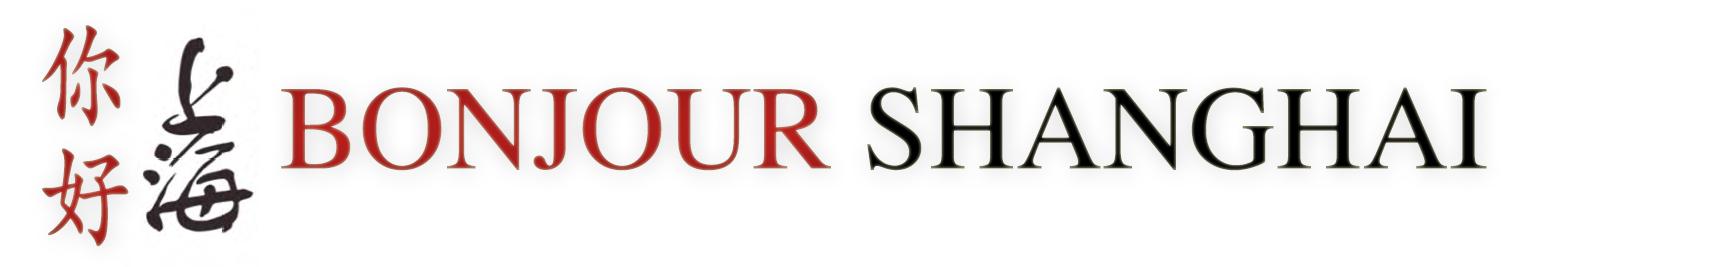 BONJOUR SHANGHAI: conseils & guide de voyage en chine ✈ -